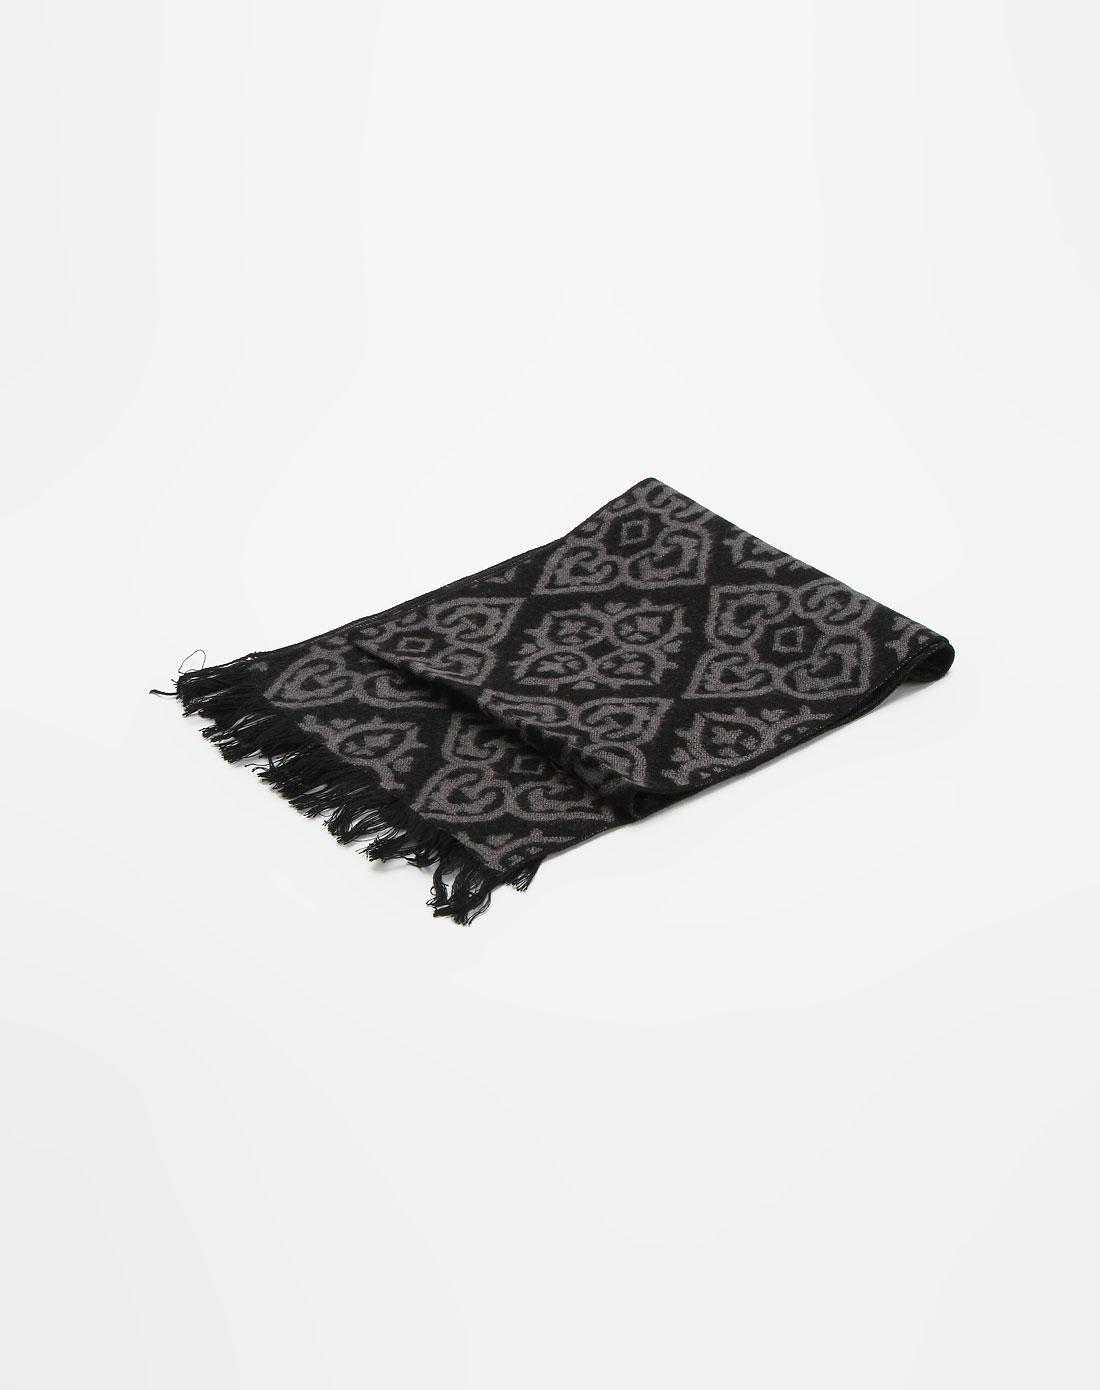 金菊&台格男装专场台格 男款黑/灰色心型图案时尚小围巾